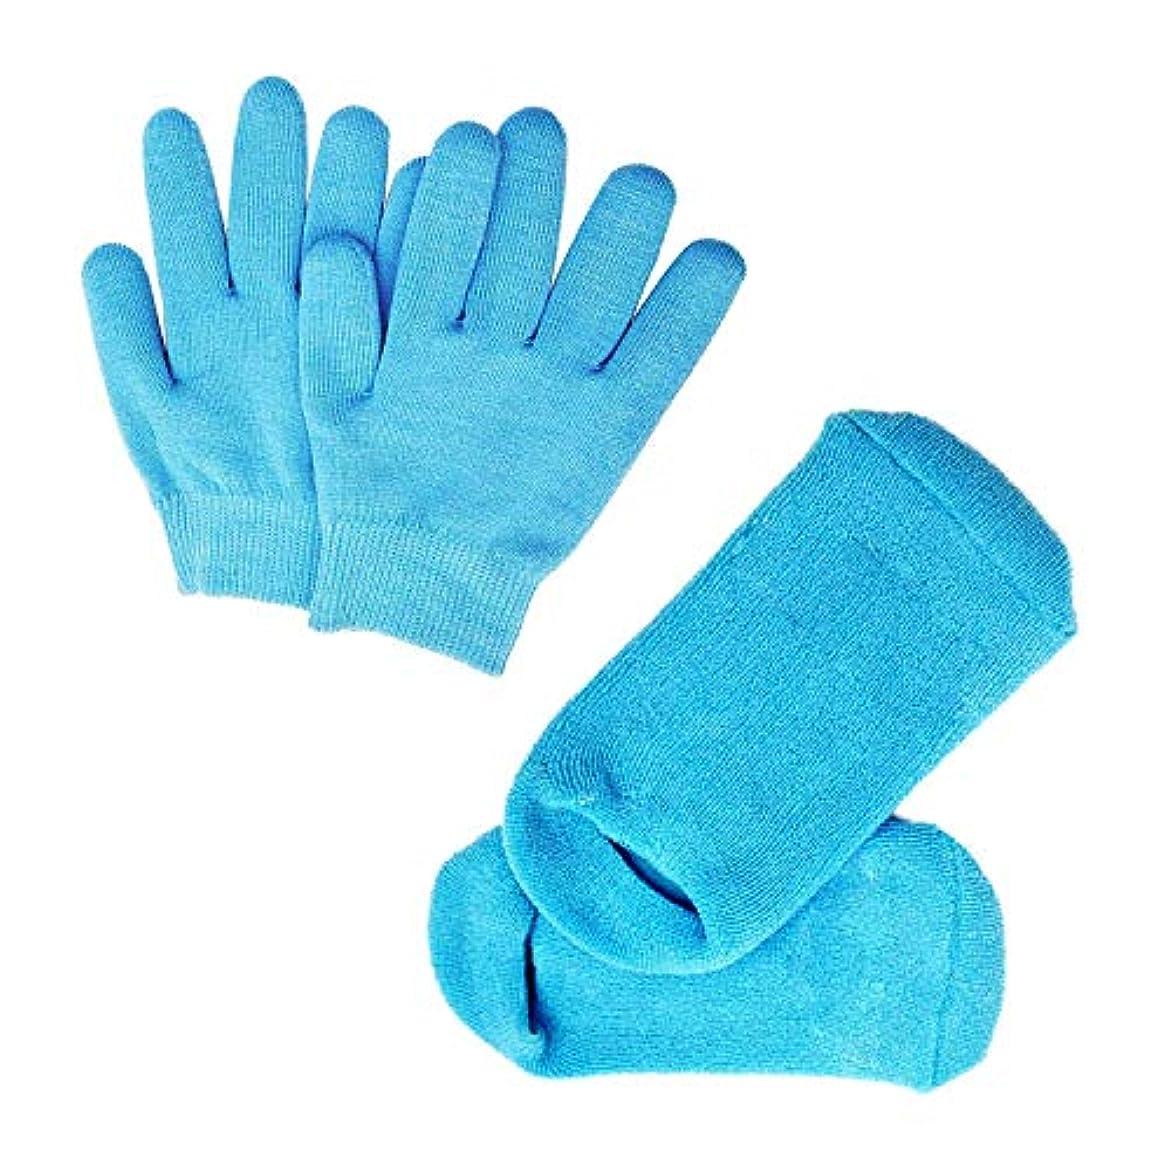 論理的に体ポークPinkiou 眠る森のSPAジェルグローブ/SPAジェルソックス ハンドケアグローブ/フットケアソックス 角質取り 保湿 かかとケア オープントゥ 素肌美人 靴下と手袋 一セット スバ いいお肌になりましょう(ブルー)